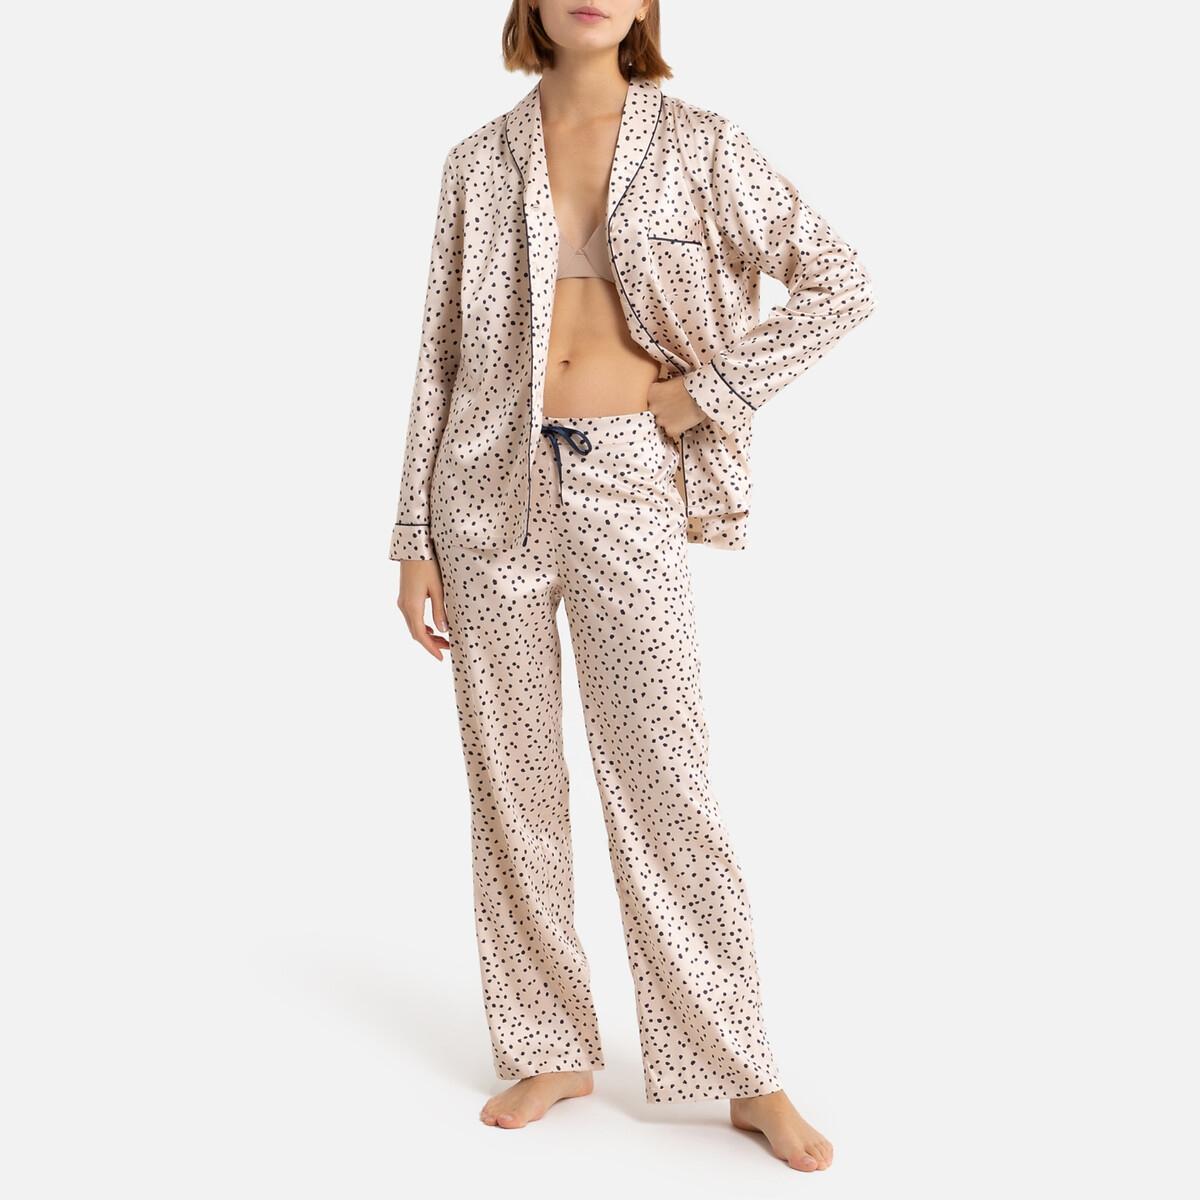 Pijama de satén con estampado de lunares